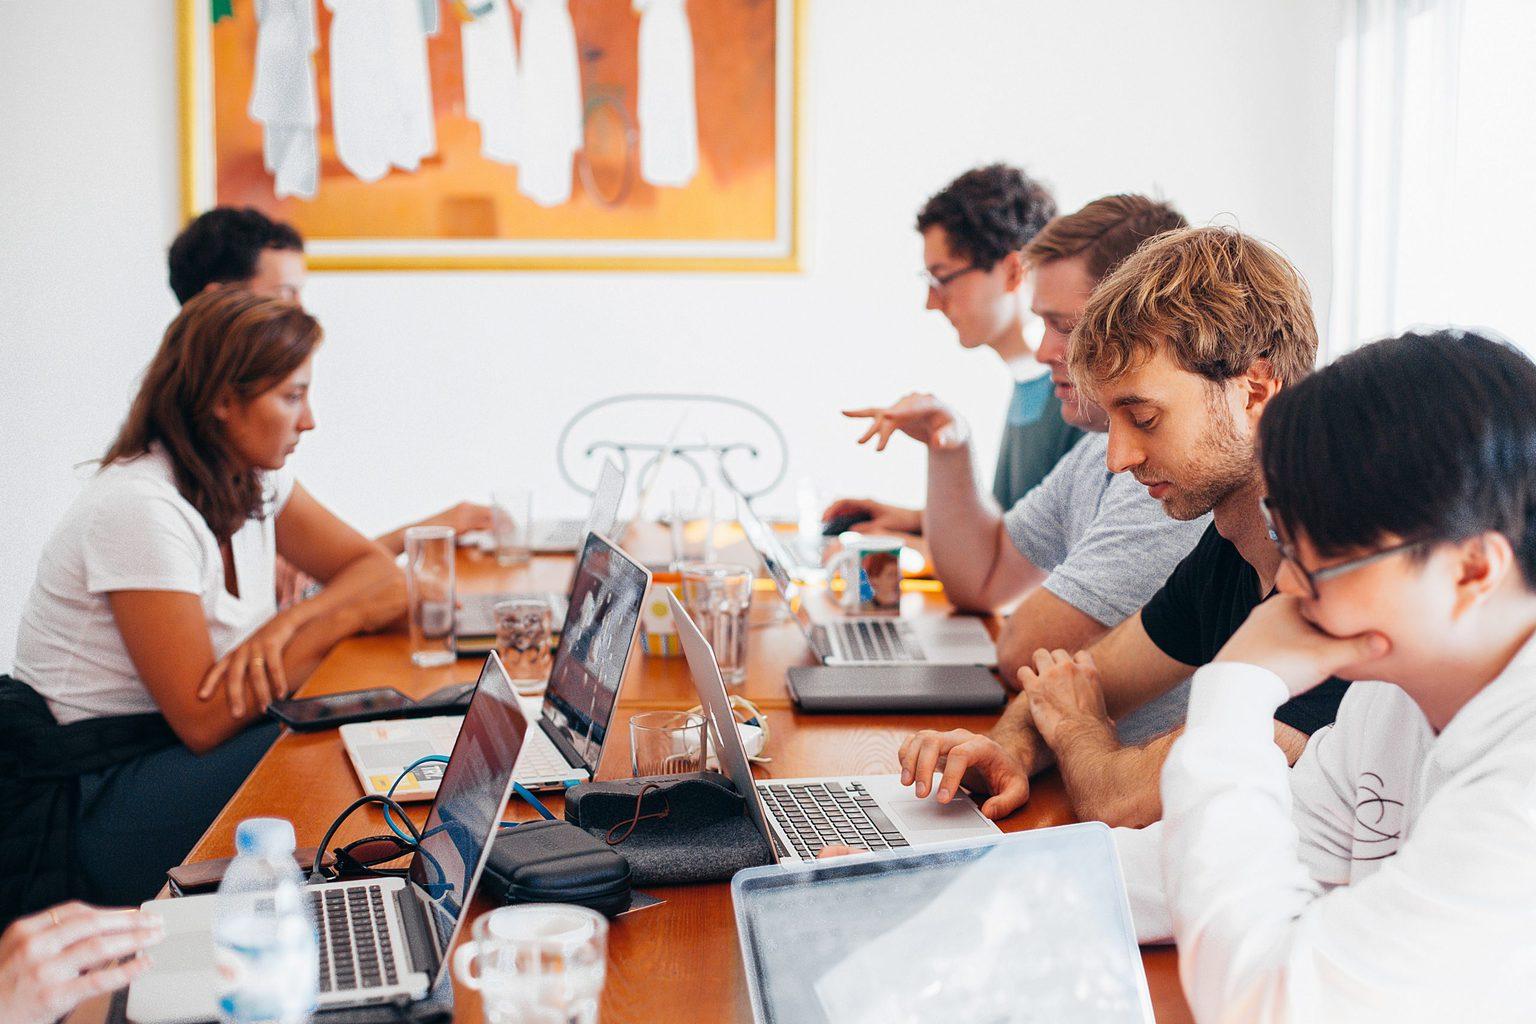 個人、企業發展的10大關鍵要素!(中集)